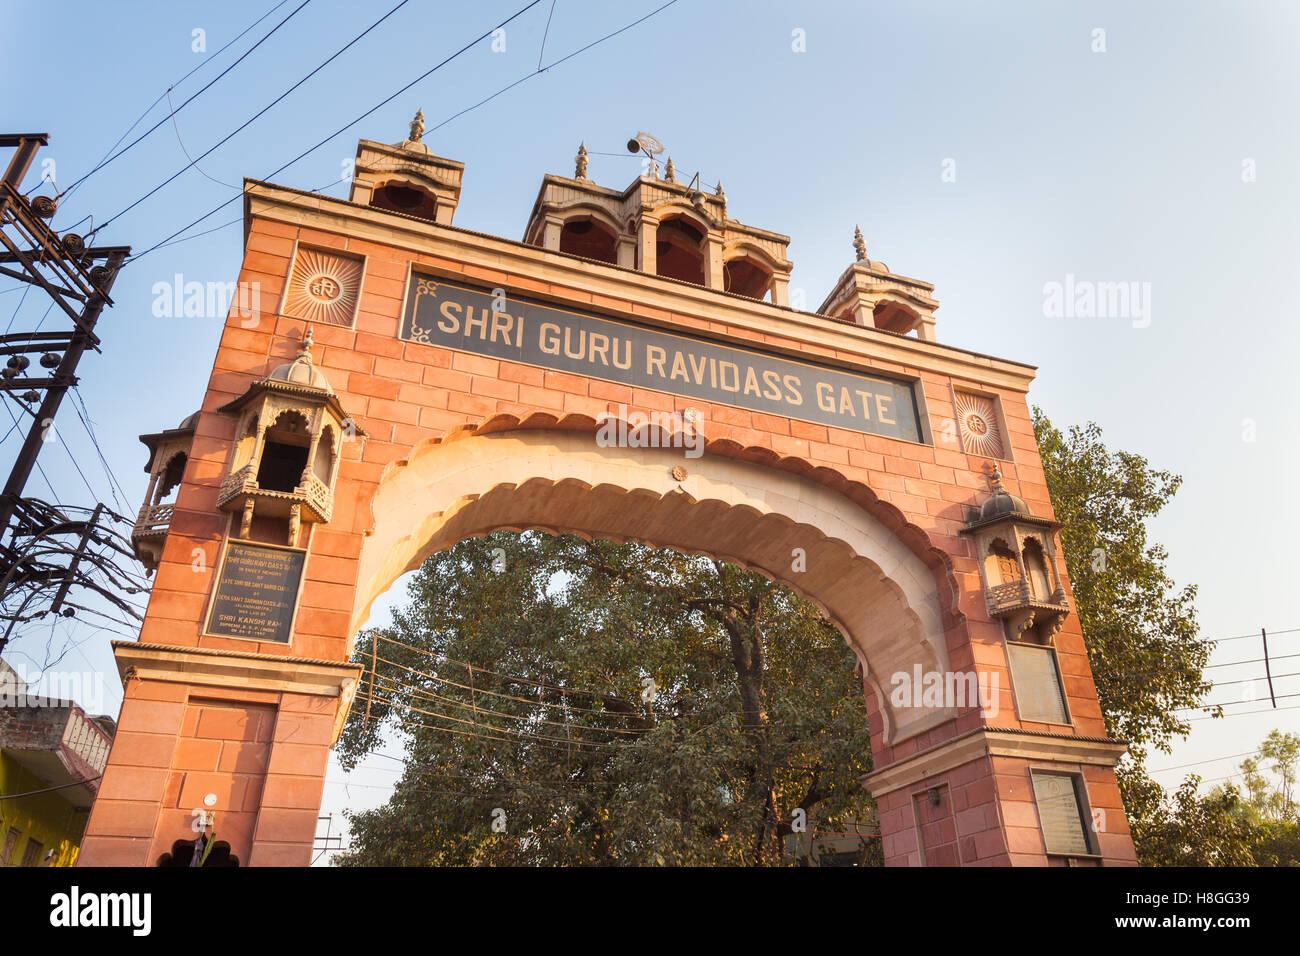 Shri Guru Ravidass Gate, Lanka Crossing, Varanasi, India - Stock Image